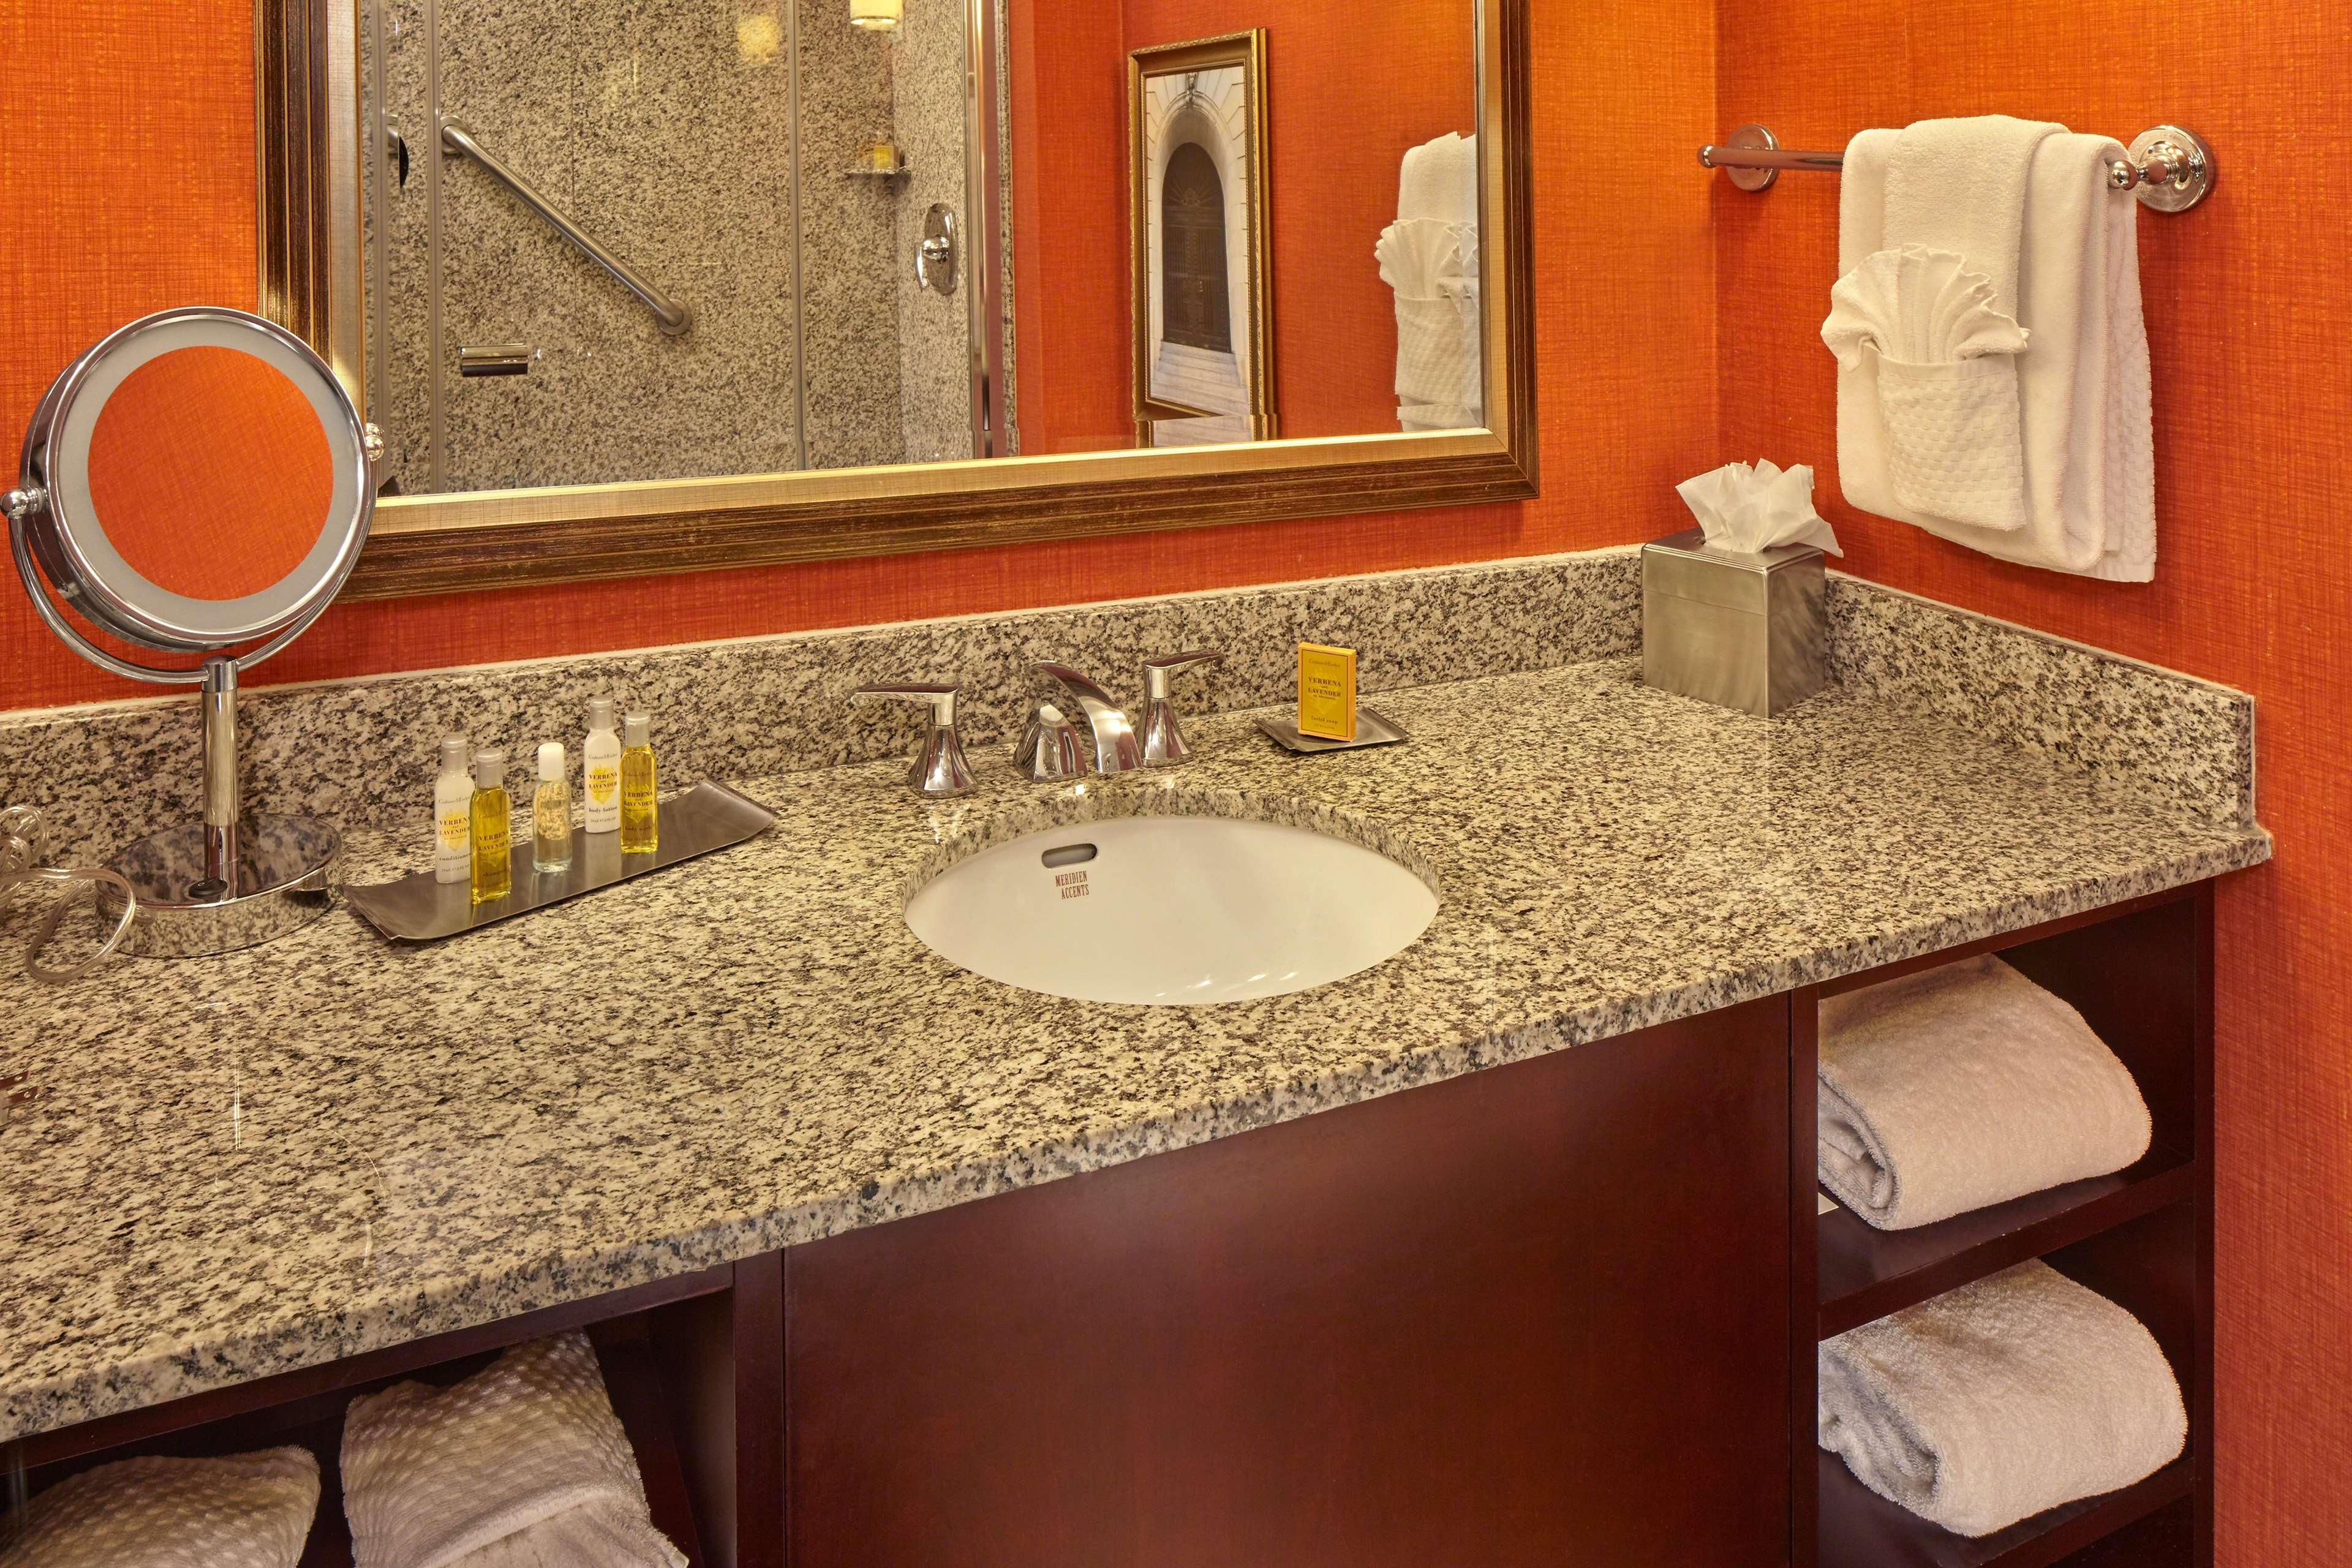 DoubleTree by Hilton Hotel Little Rock image 17